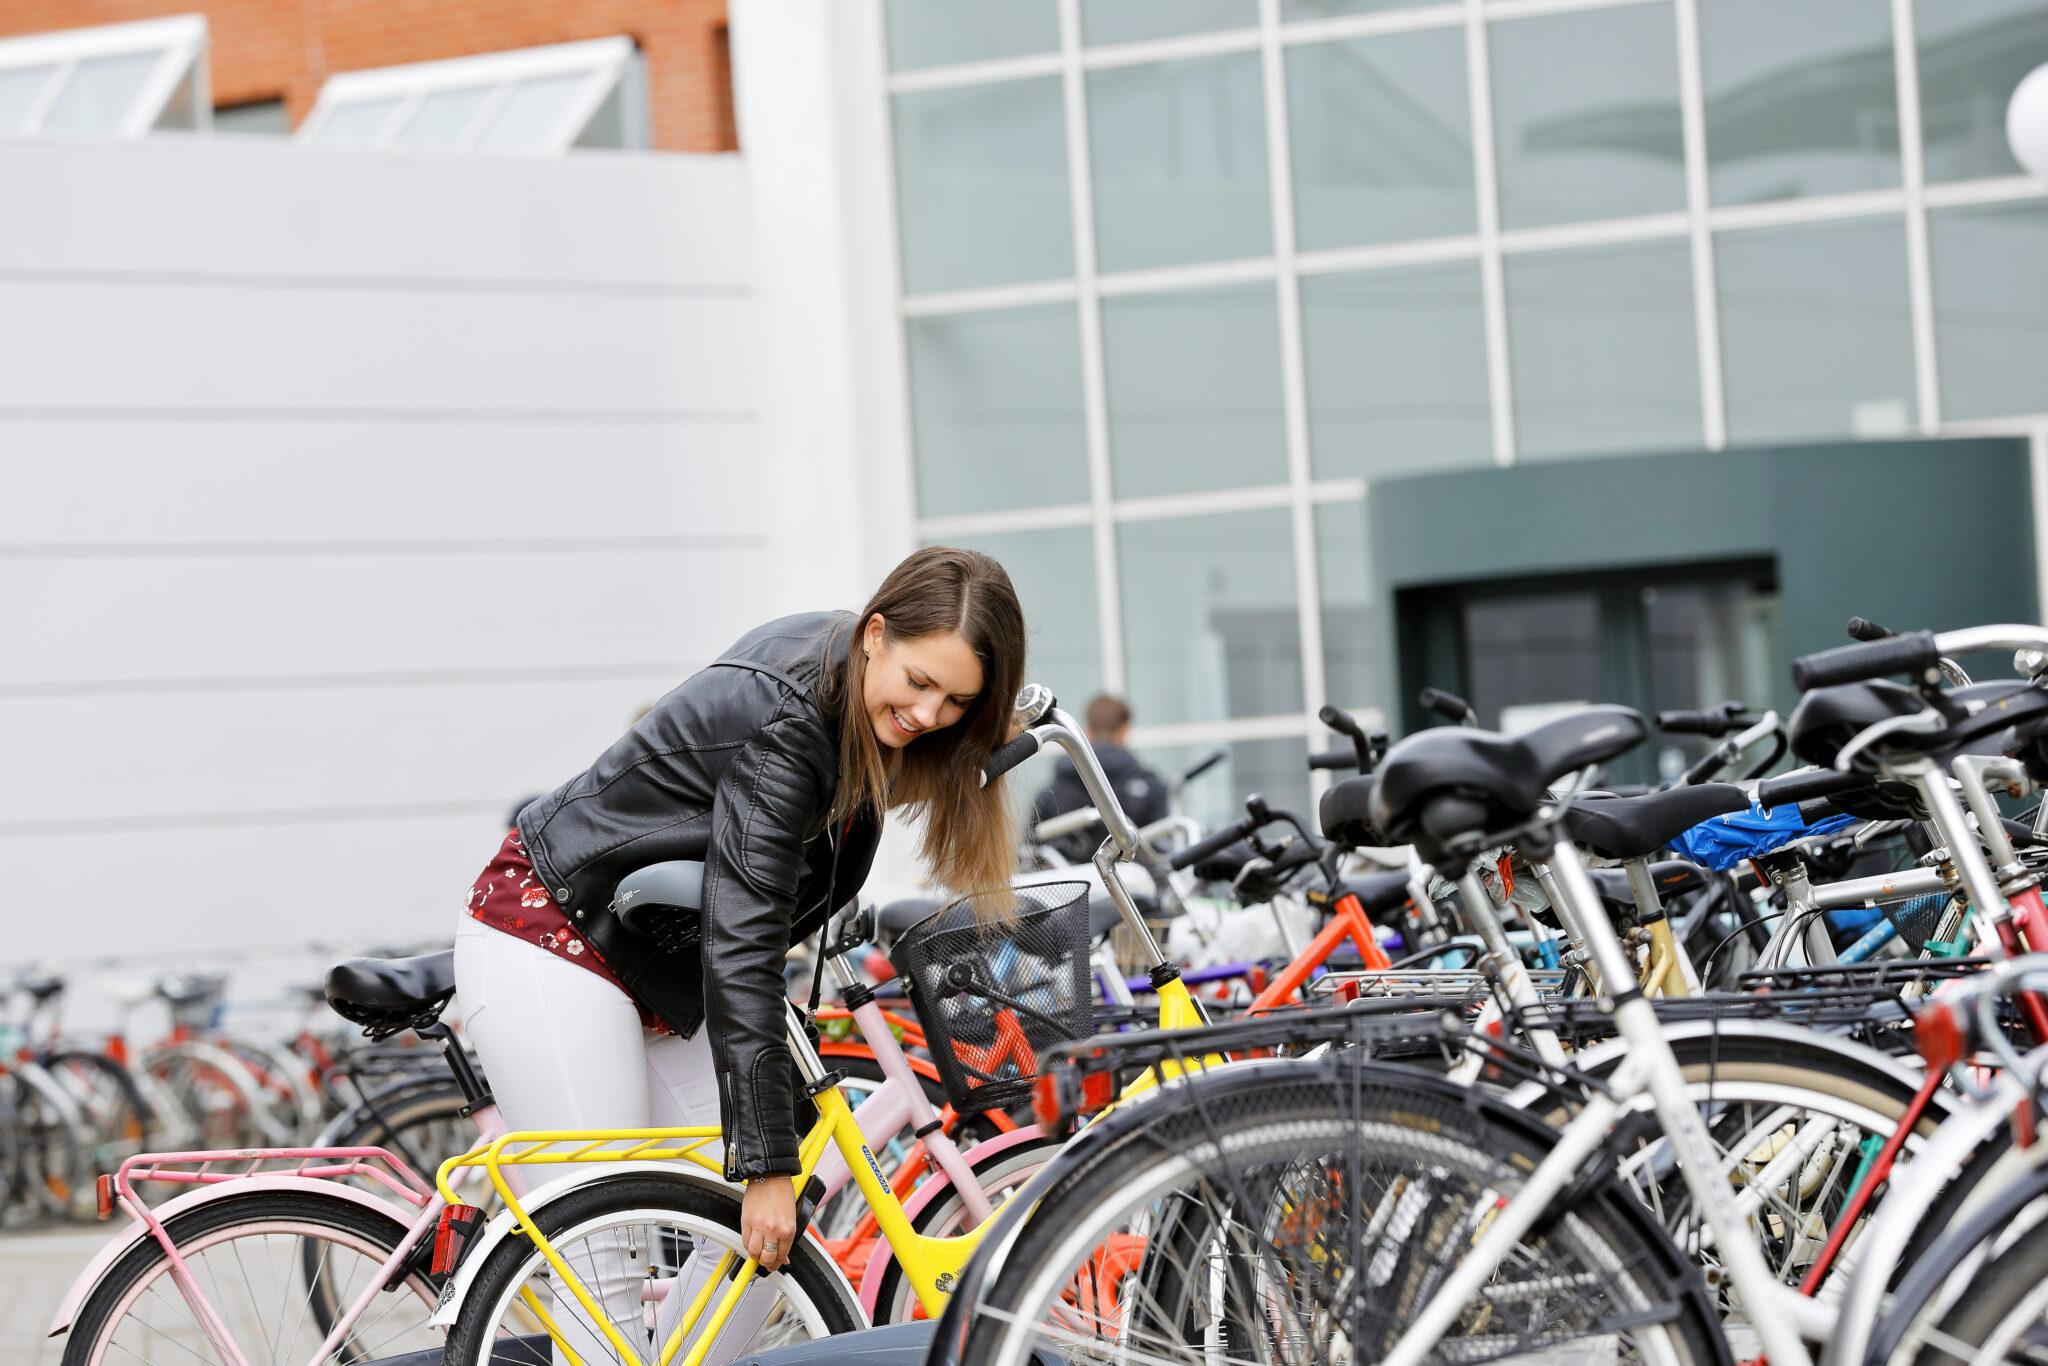 a girl locks her bike